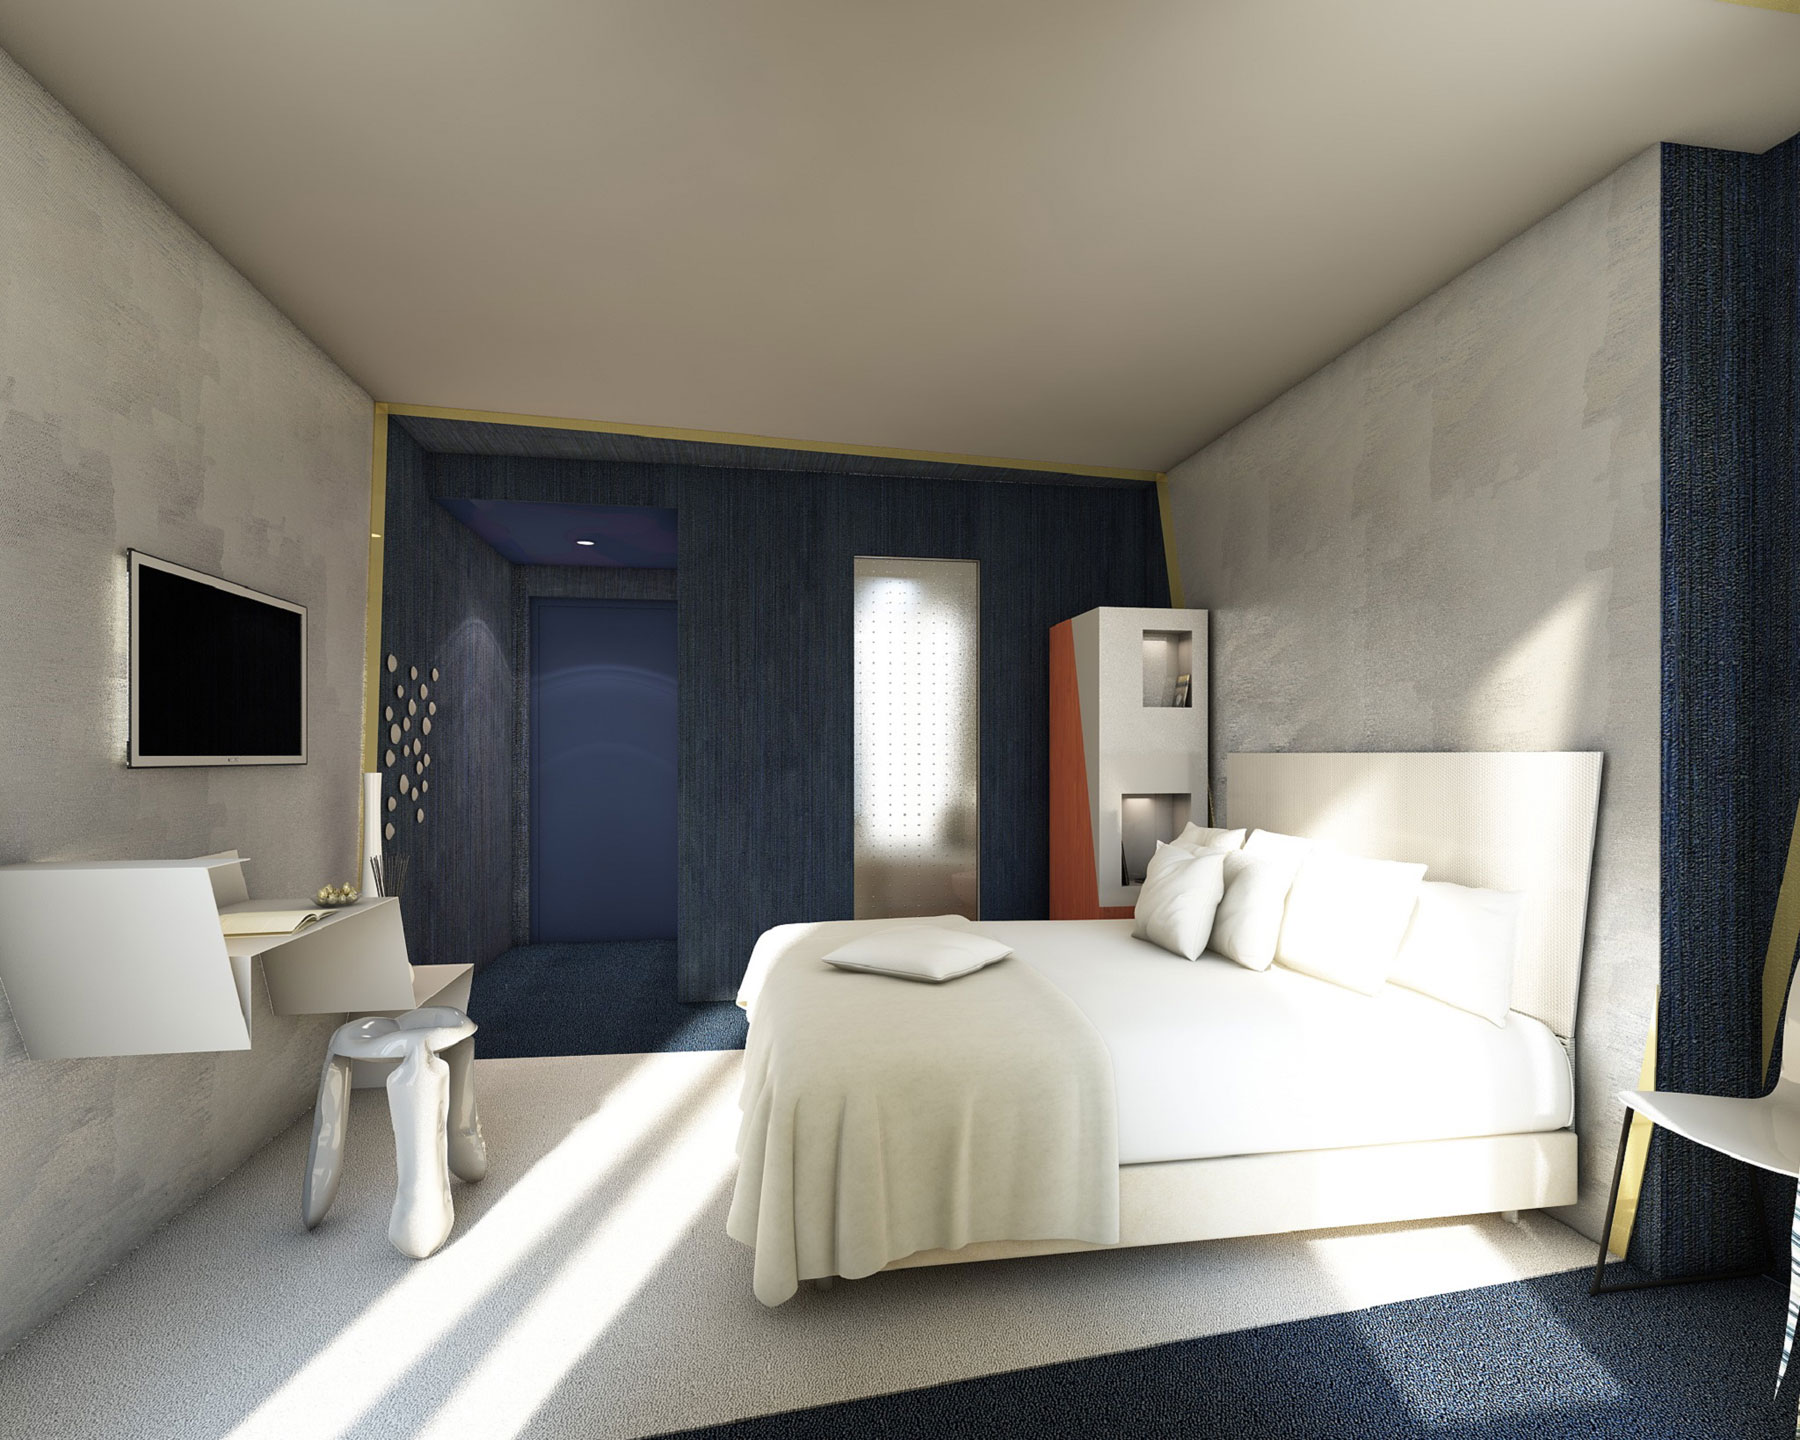 Maison Moderne A Vendre Canada : chambre de luxe 2 pers 12m² à 14m² toutes les chambres sont